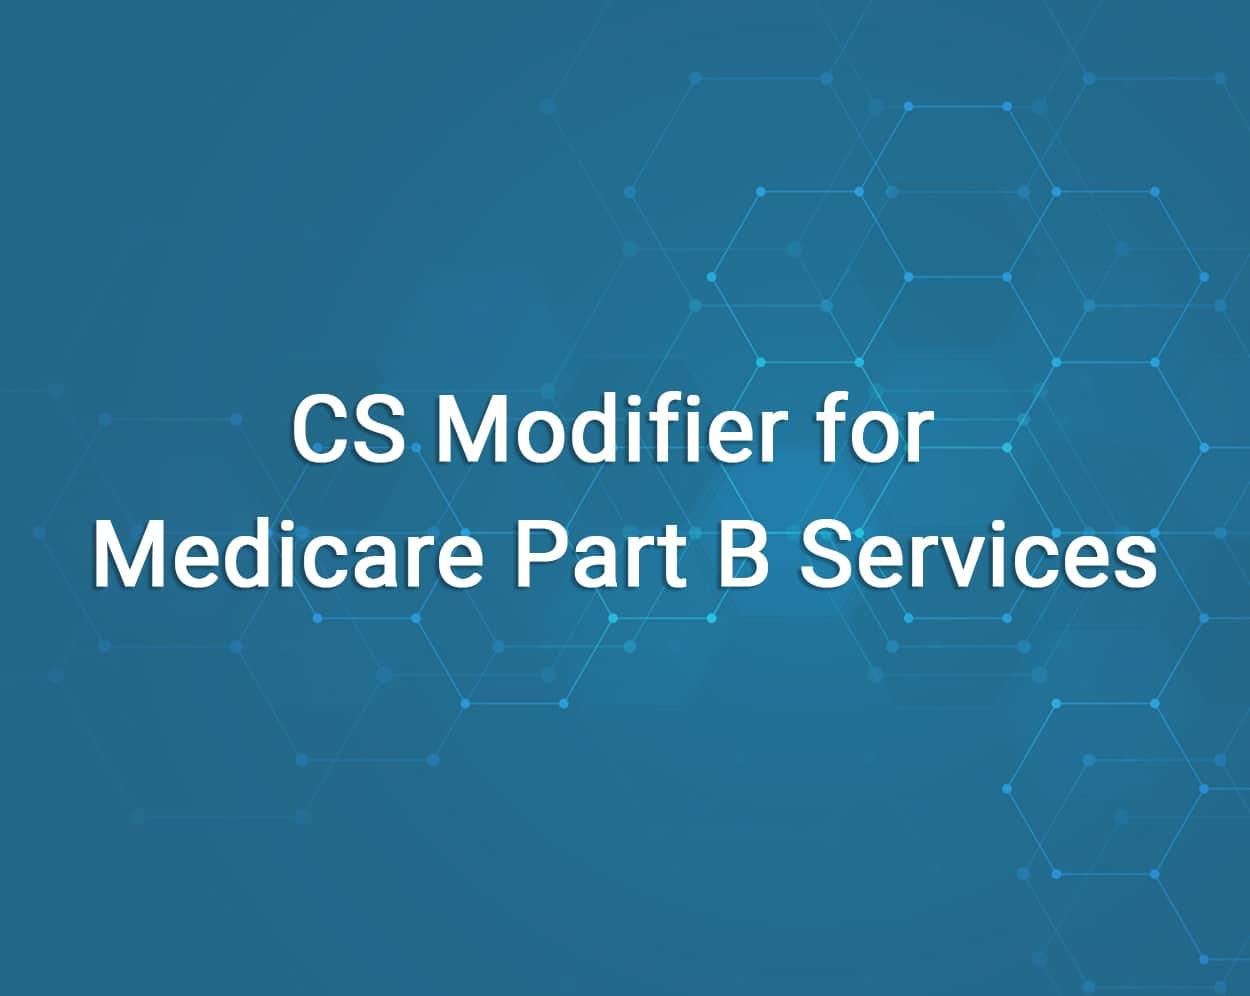 CS Modifier Medicare Part B